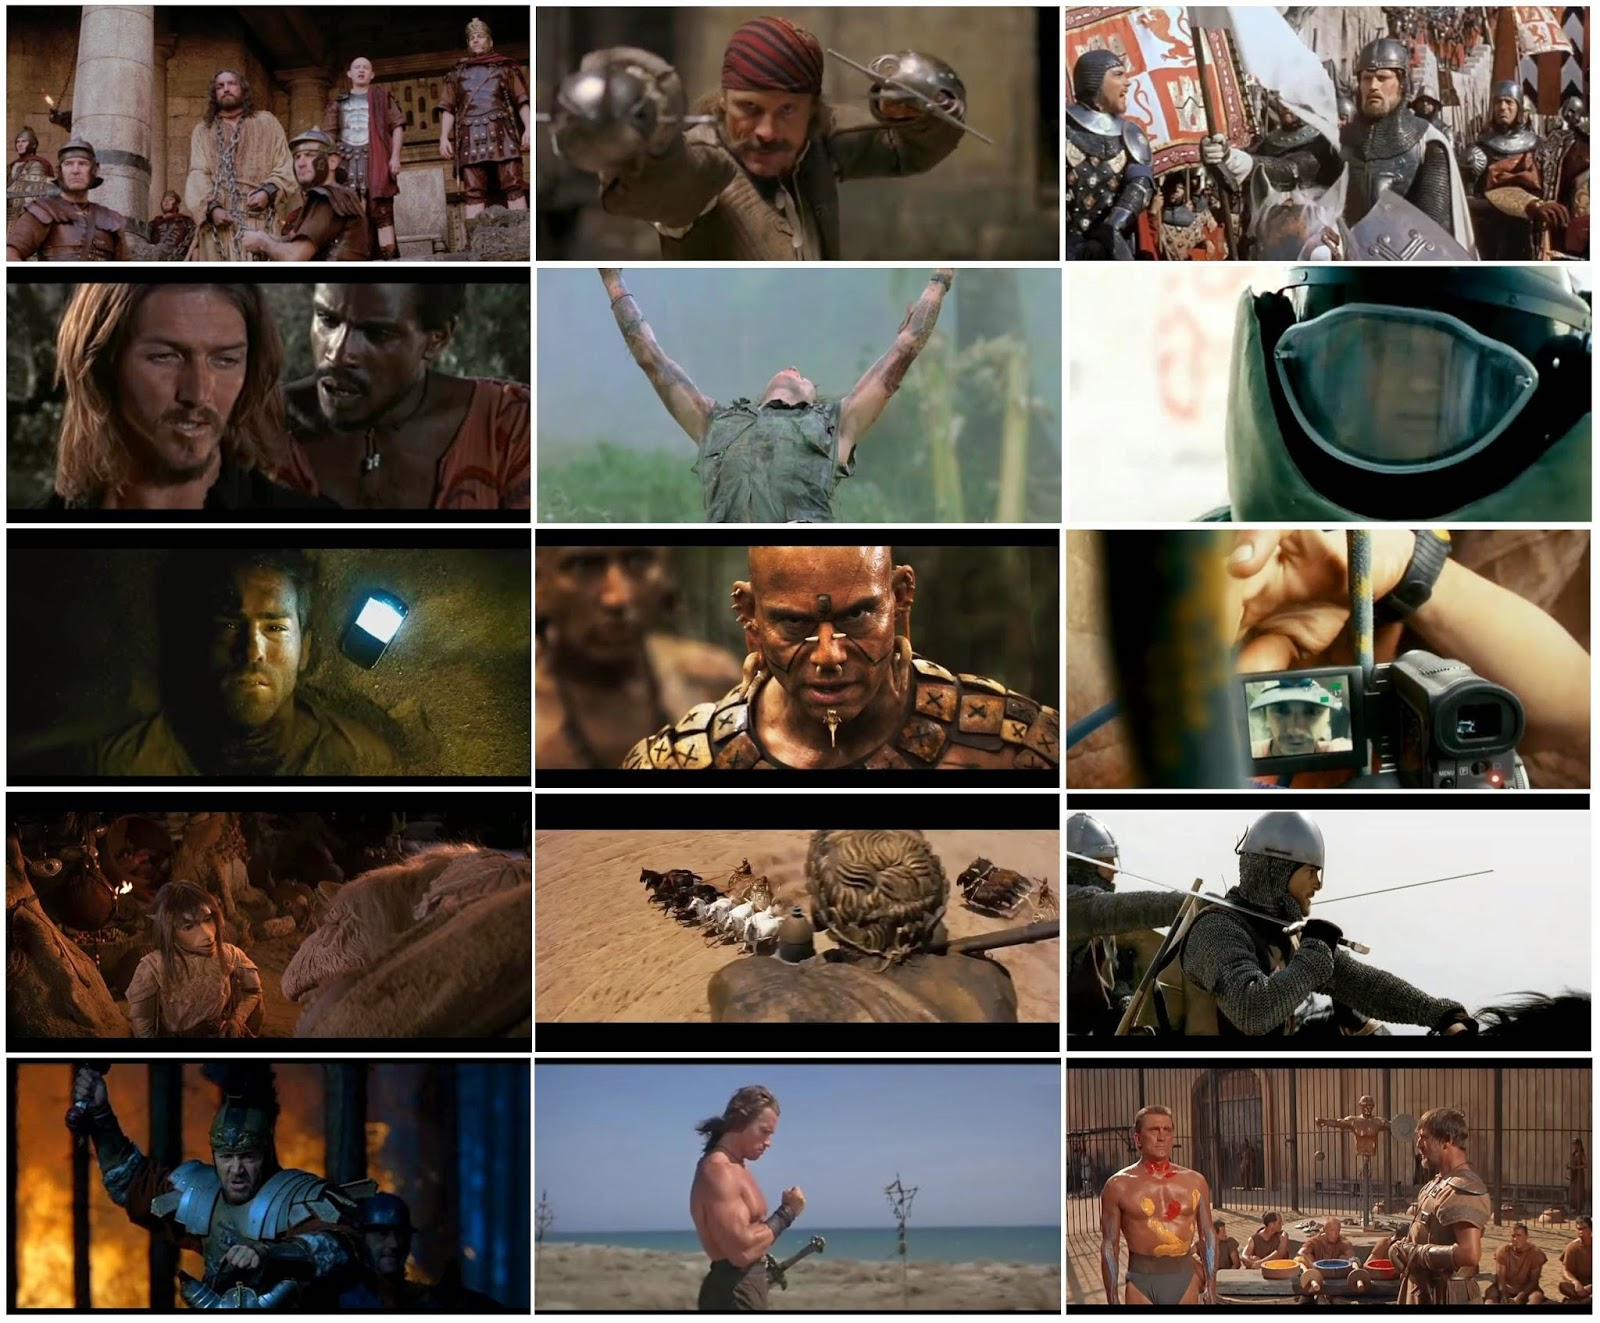 Las 15 pelis que me gusta ver en Semana Santa - el torblogdita - el fancine - ÁlvaroGP - Cine Semana Santa